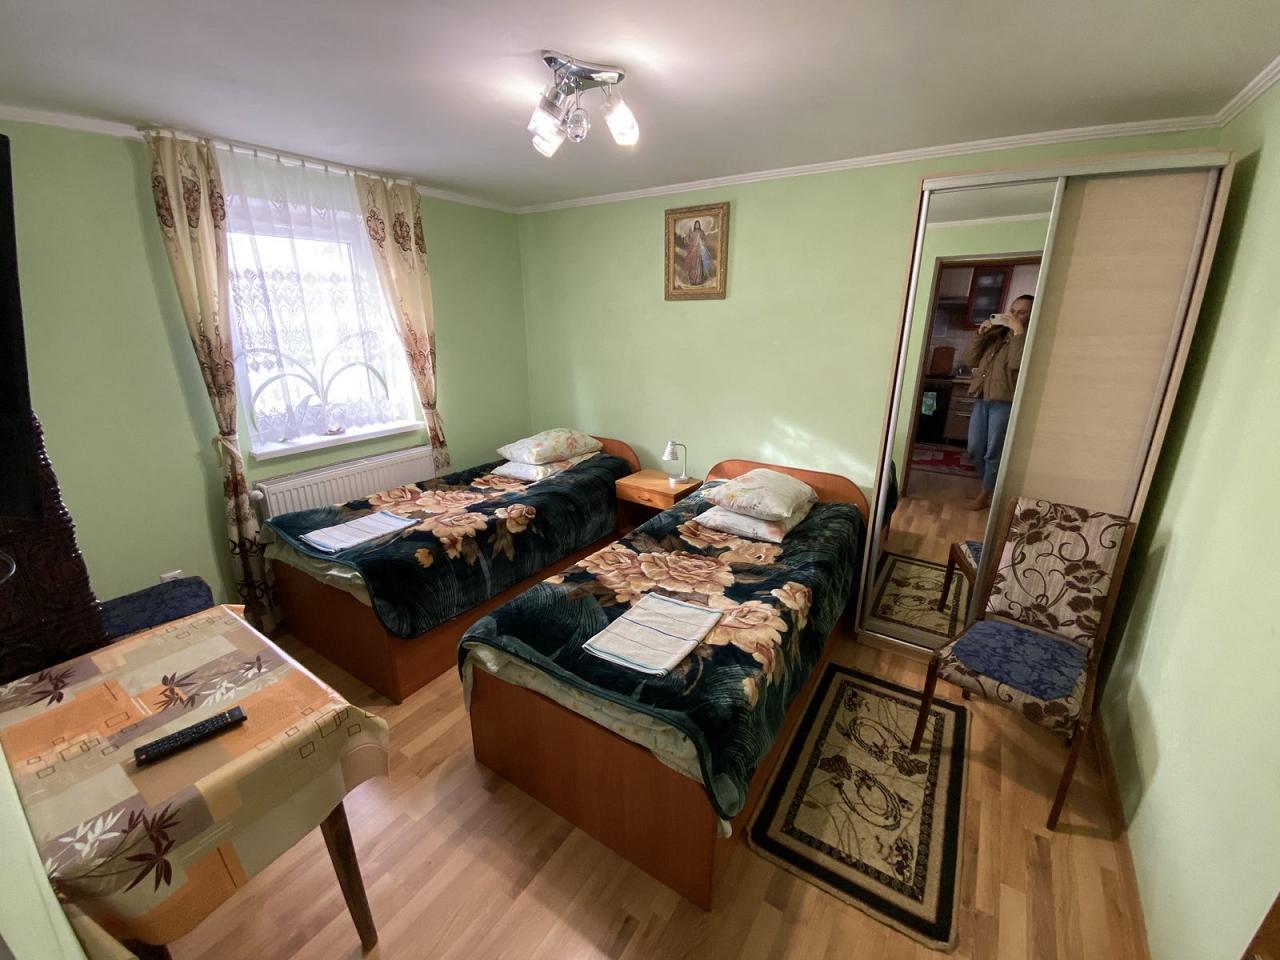 3-кімнатна квартира,вул.Січових Стрільців 14